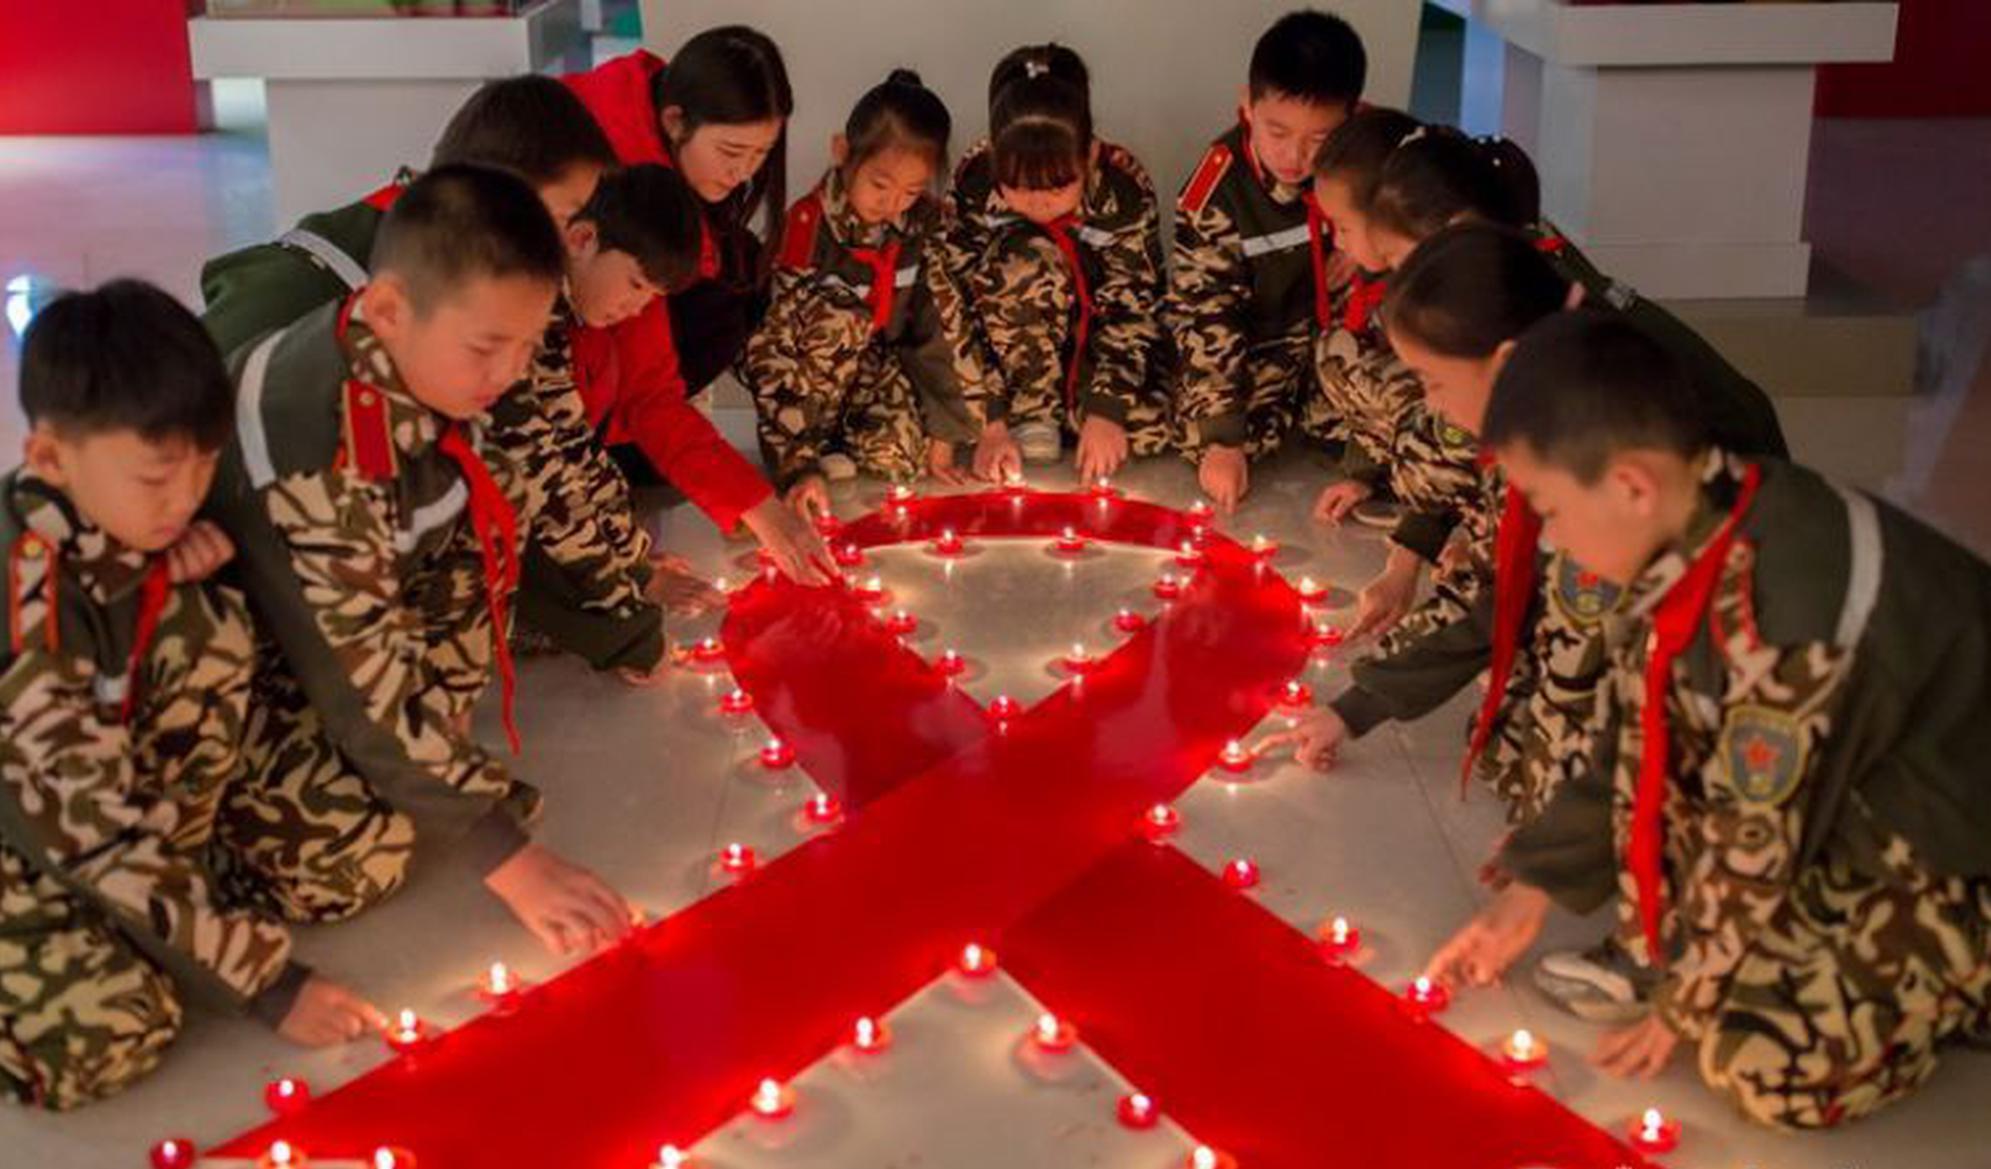 点亮红丝带纪念世界艾滋病日